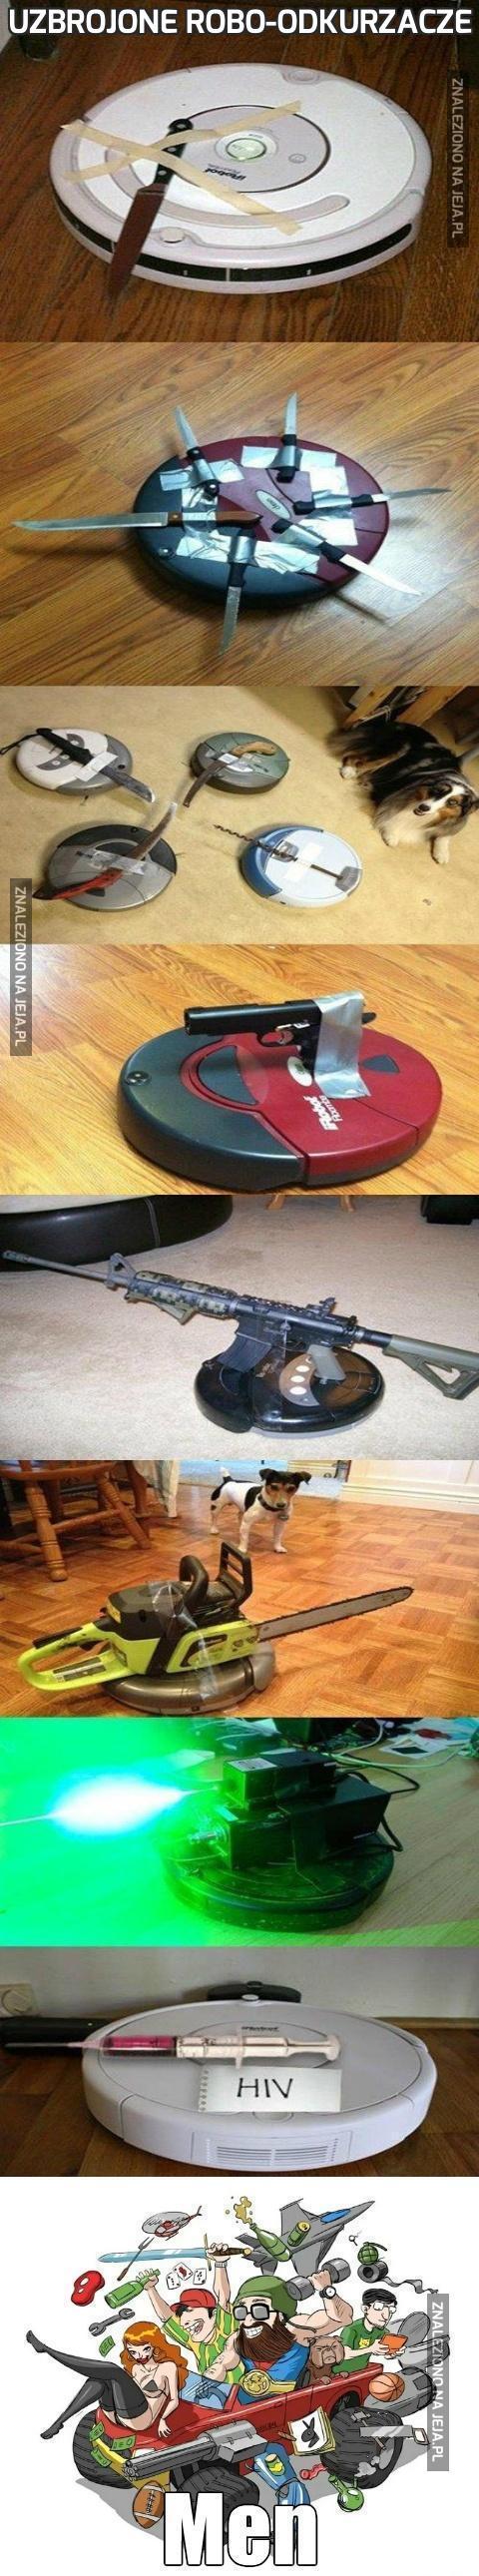 Uzbrojone robo-odkurzacze